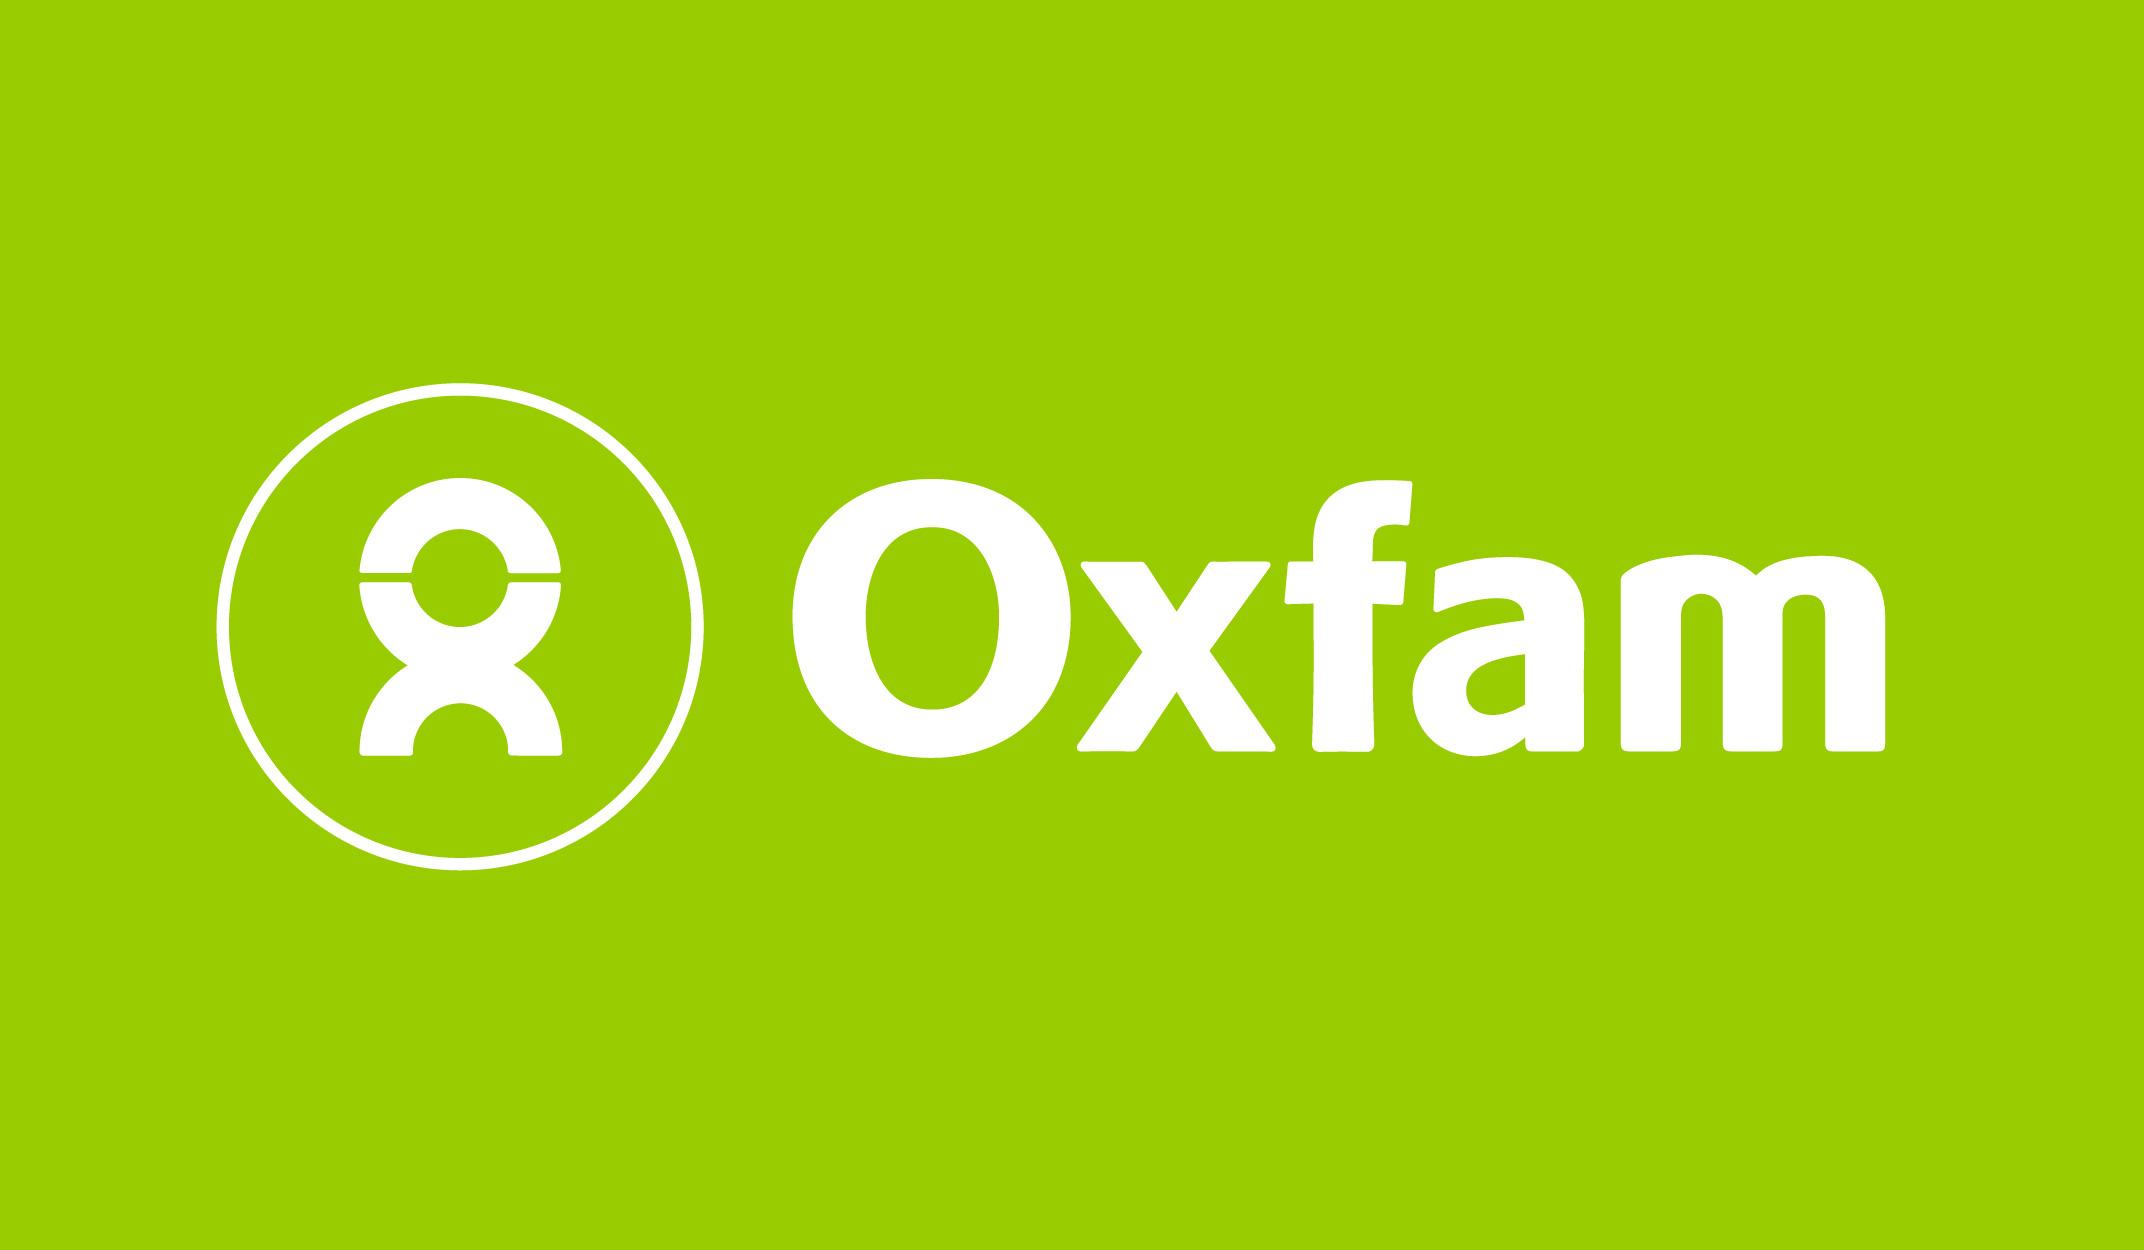 Oxfam: Hantida 8 Qof ee Dunida Ugu Taajirsan Waxay